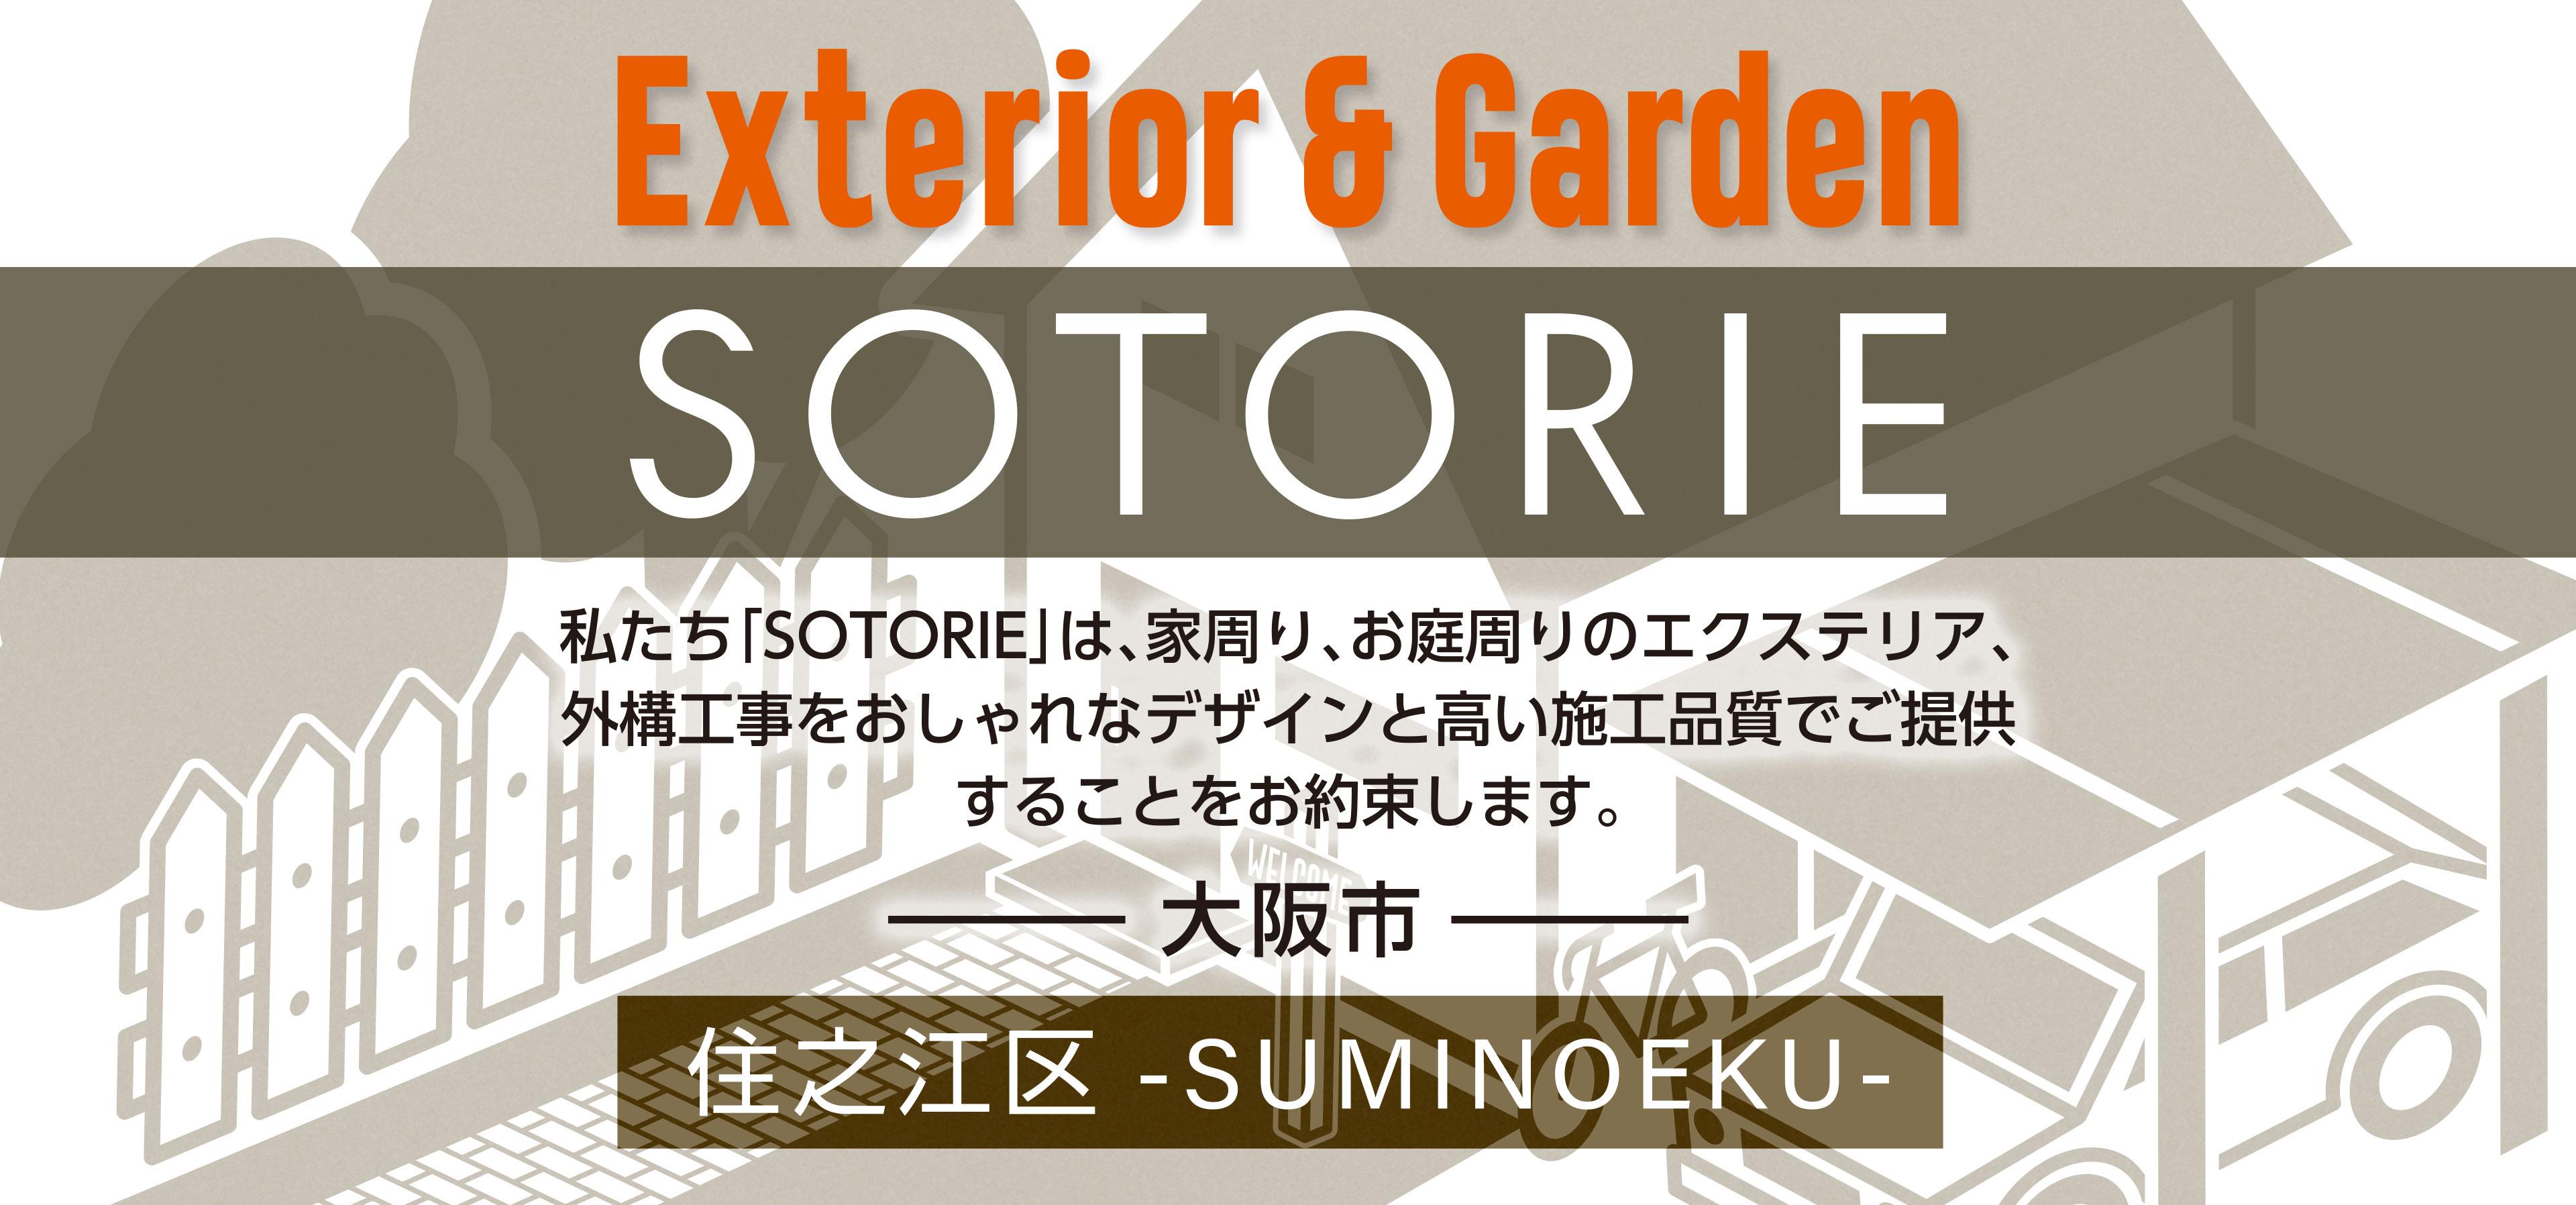 ソトリエ大阪市住之江区では、家周りと庭周りの外構、エクステリア工事をおしゃれなデザインと高い施工品質でご提供することをお約束します。